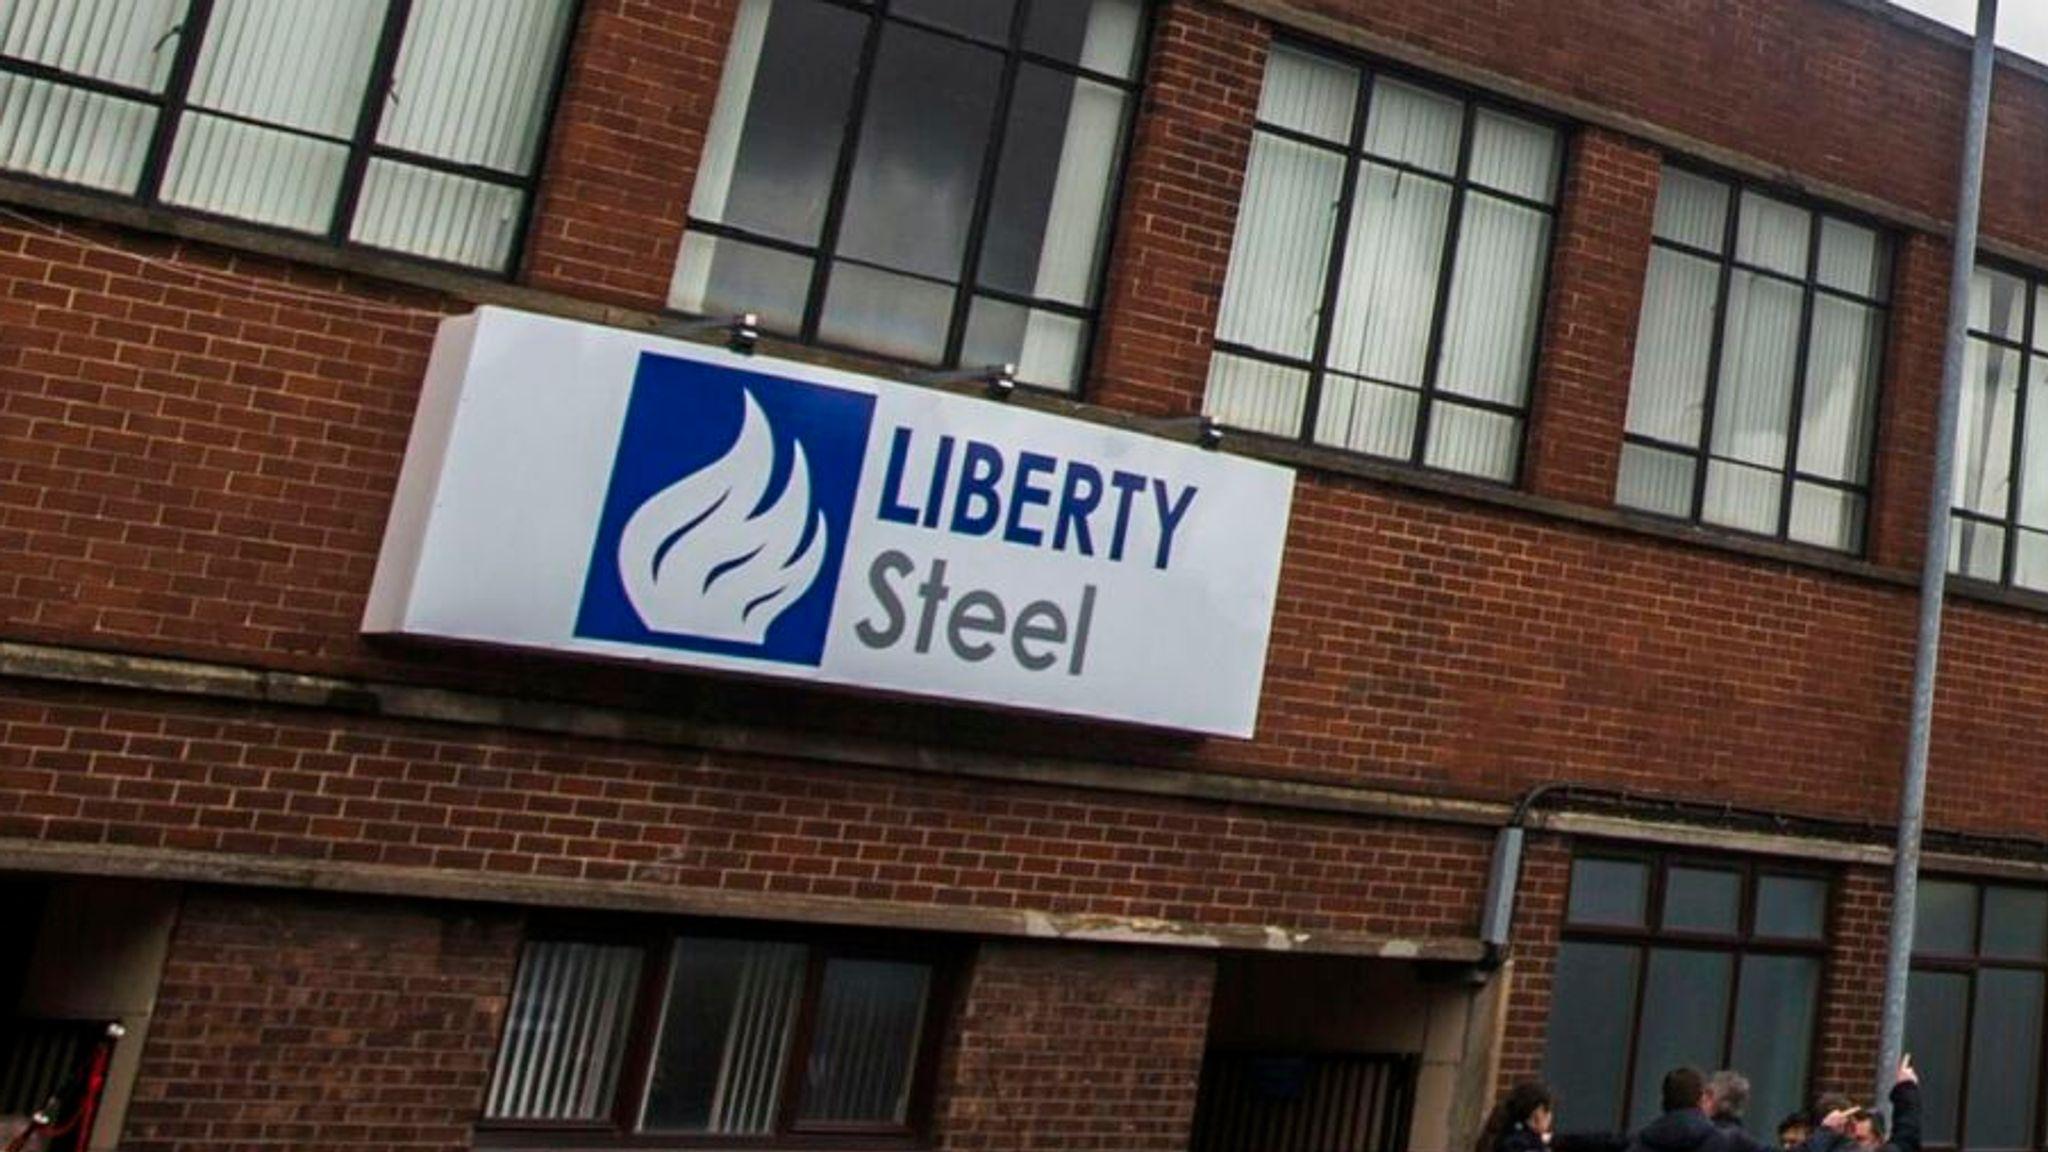 La agencia de fraude del Reino Unido investiga los enlaces de Greensill de Liberty Steel